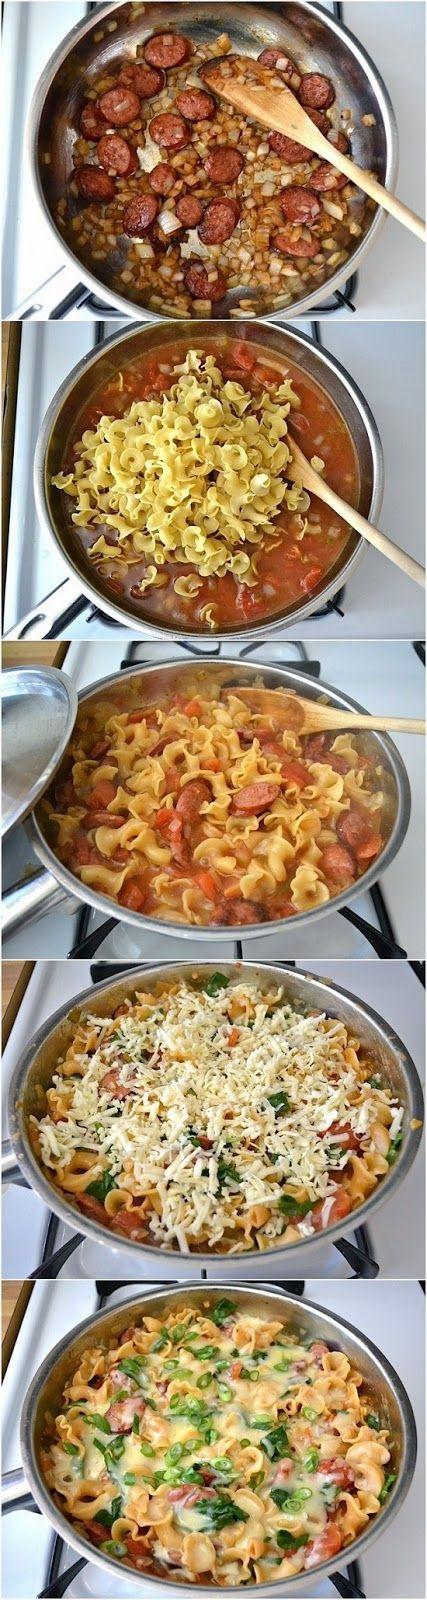 Salchicha Cremoso y espinacas Pasta Skillet